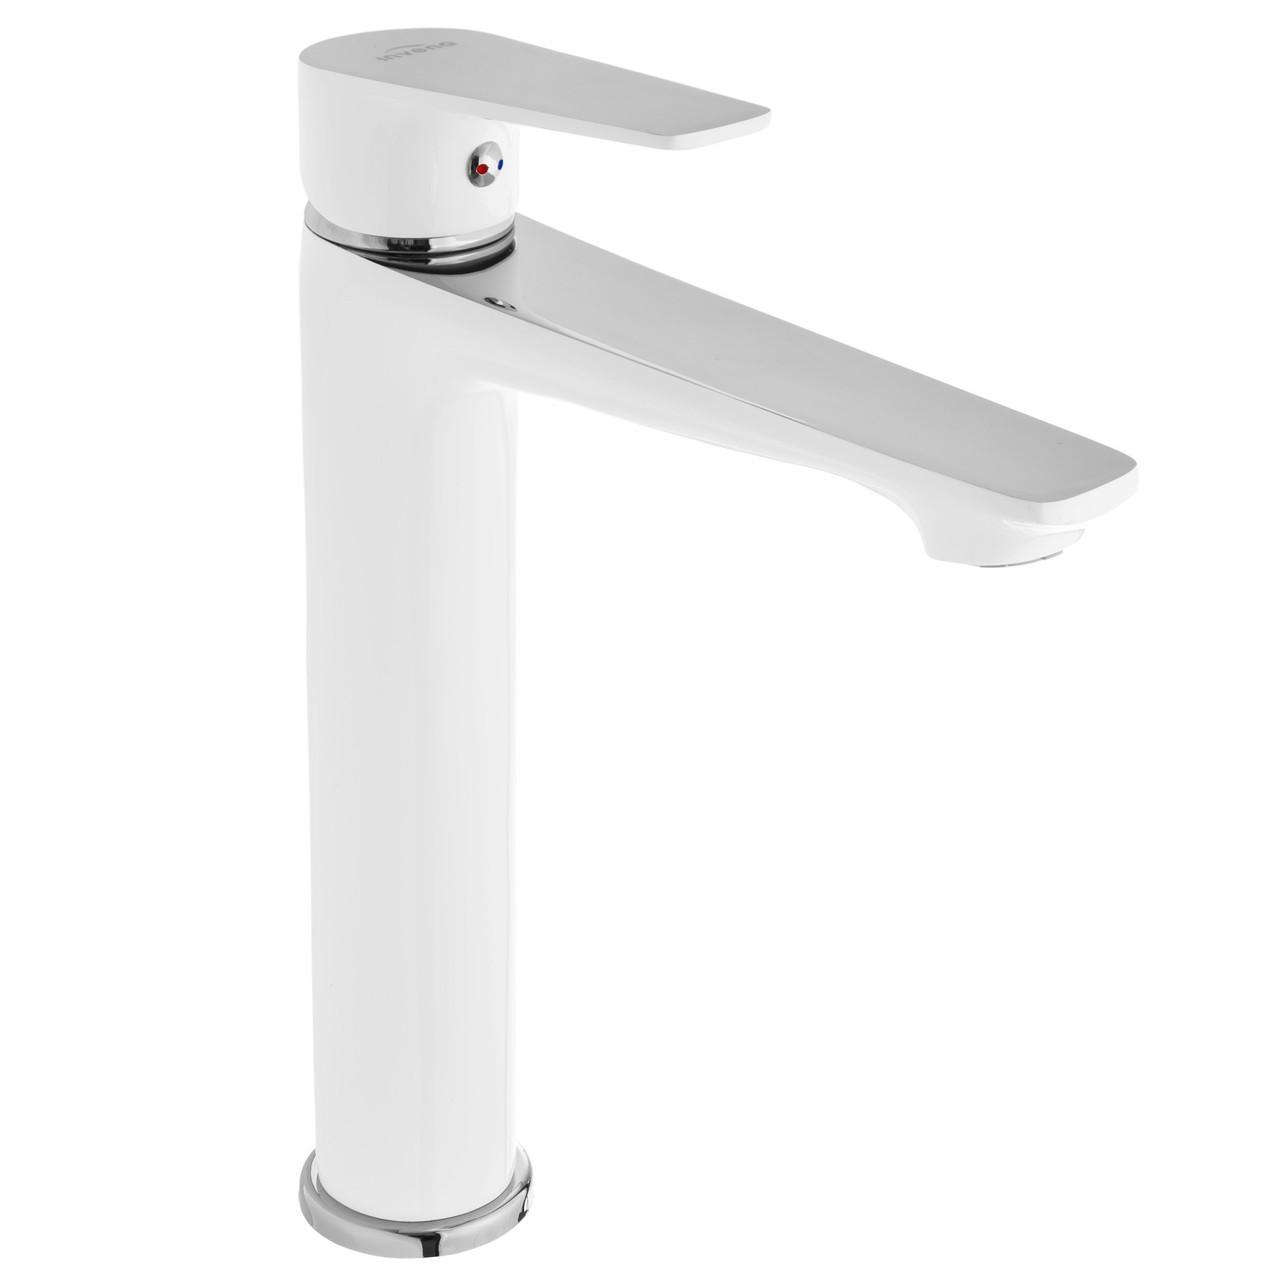 Змішувач для раковини Invena Dokos BU-19-W02 високий білий/хром